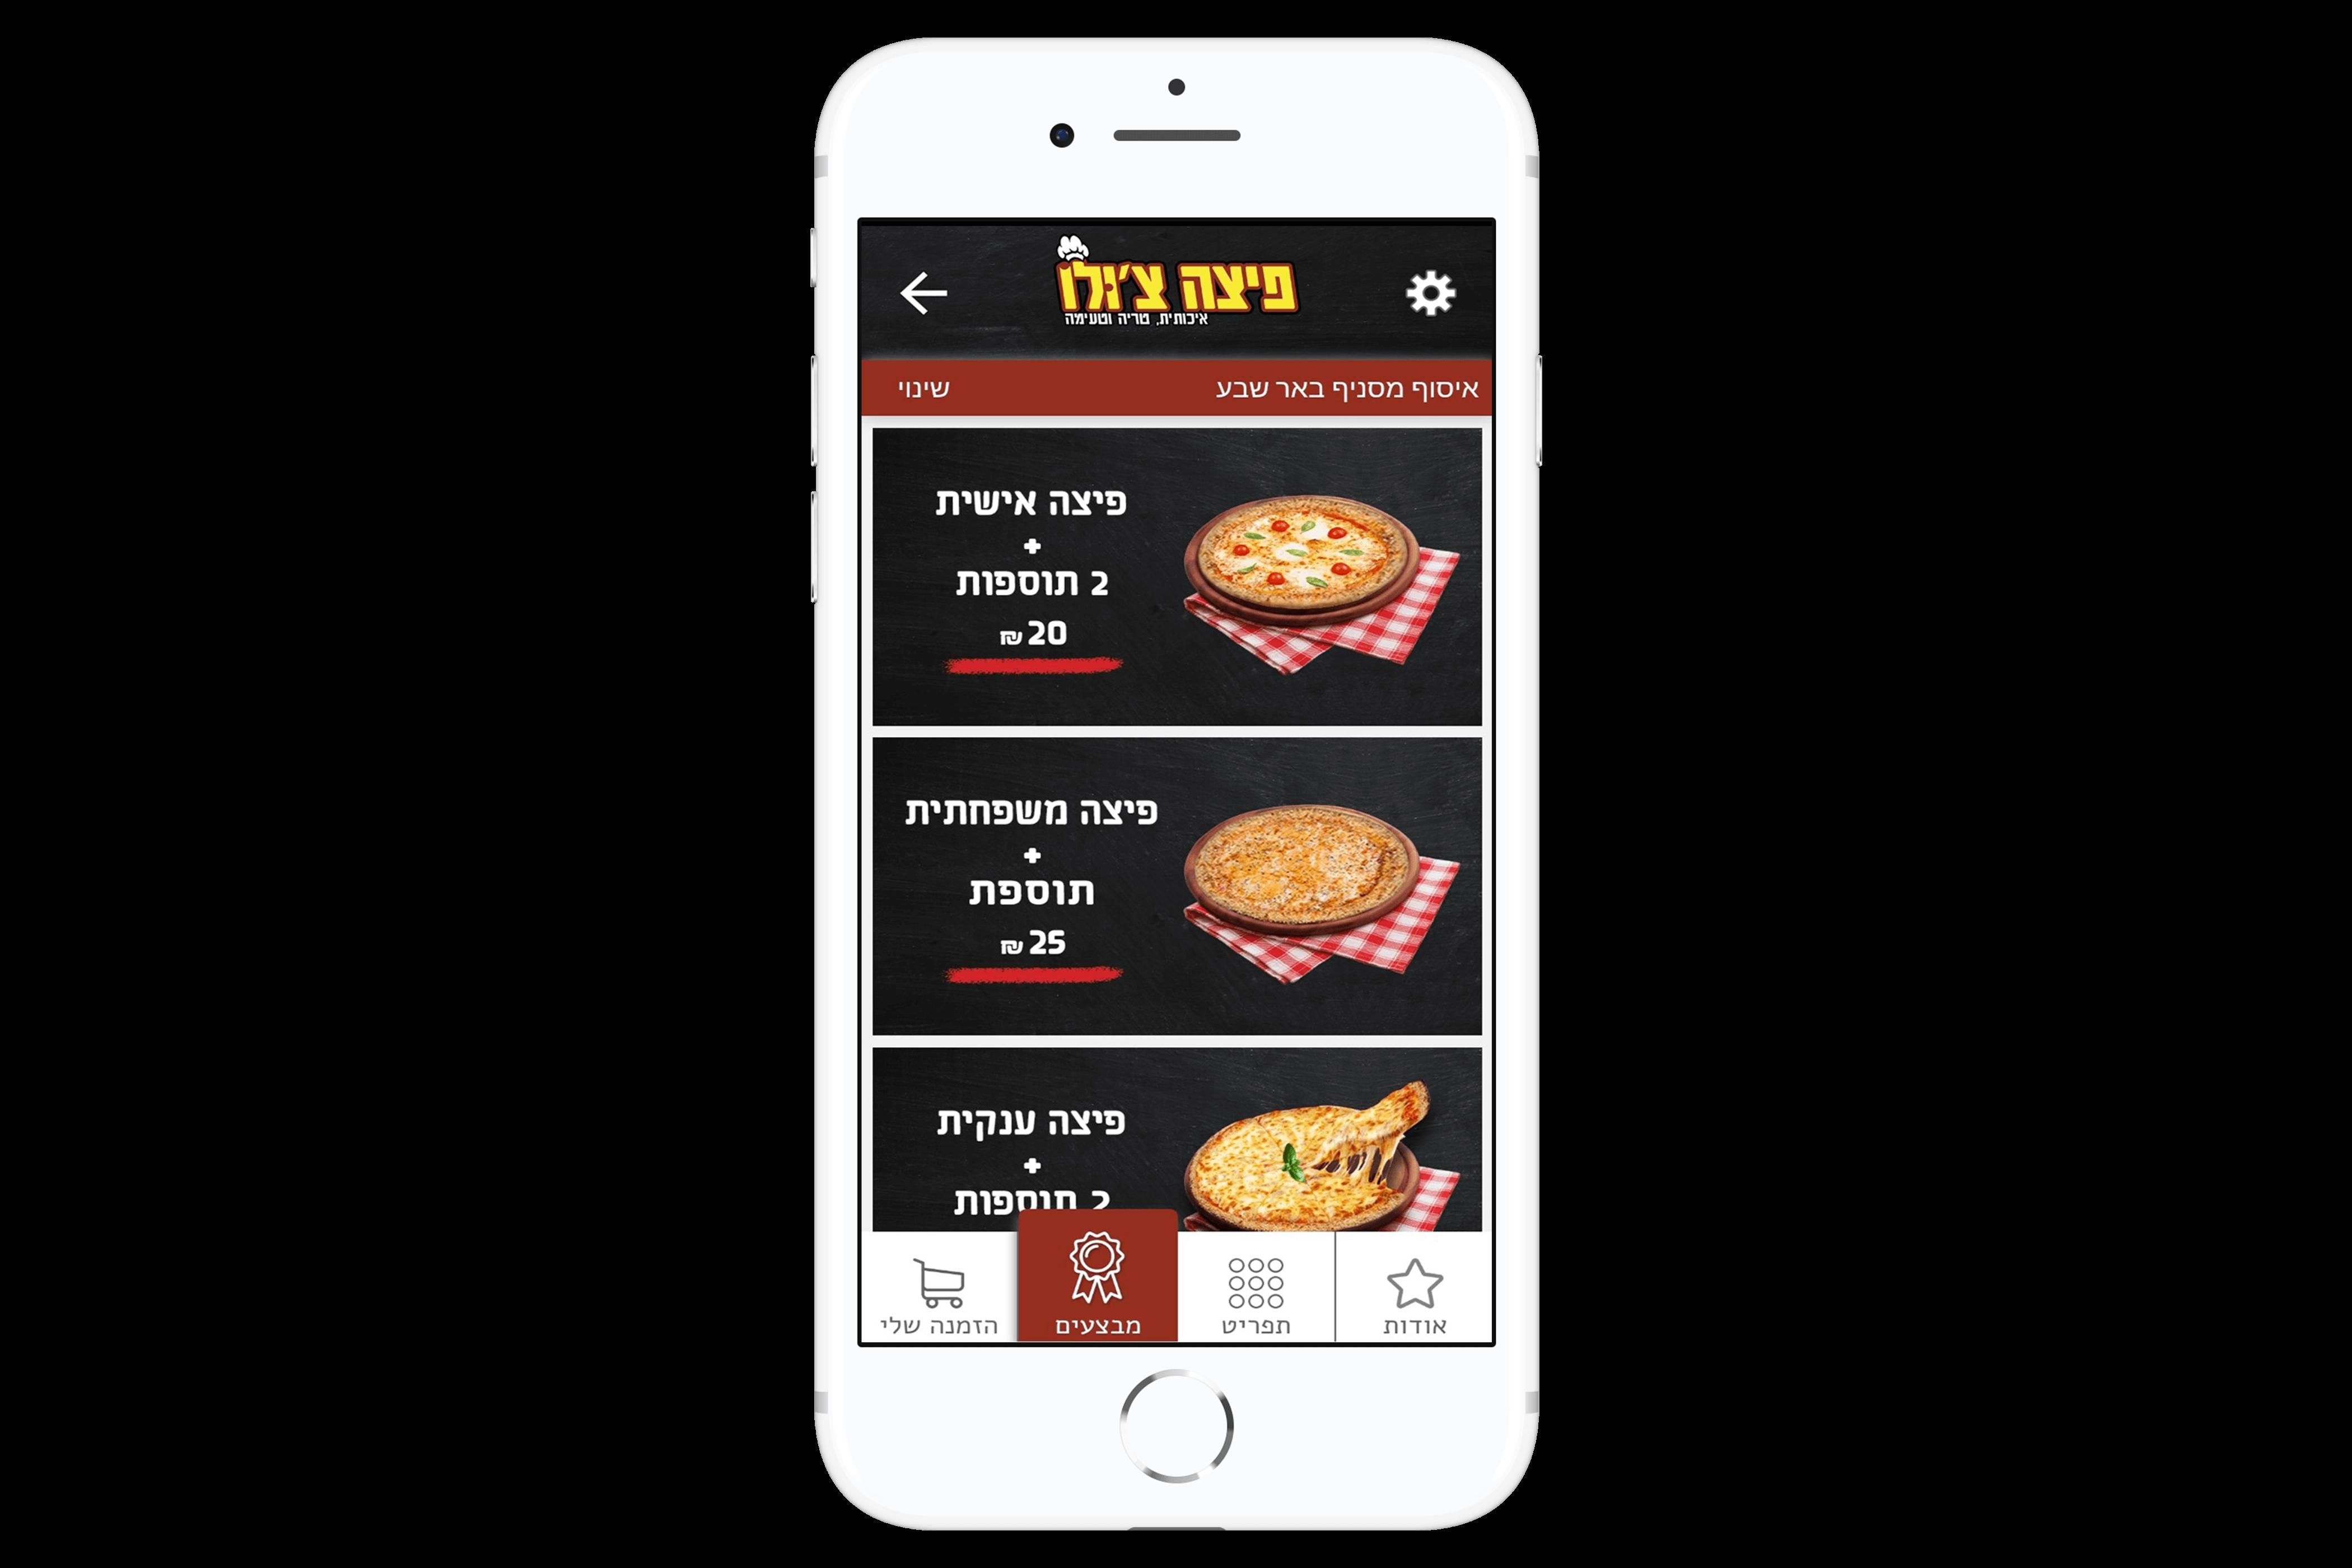 אפליקציית הזמנות של פיצה צ'ולו מבין הלקוחות שלנו